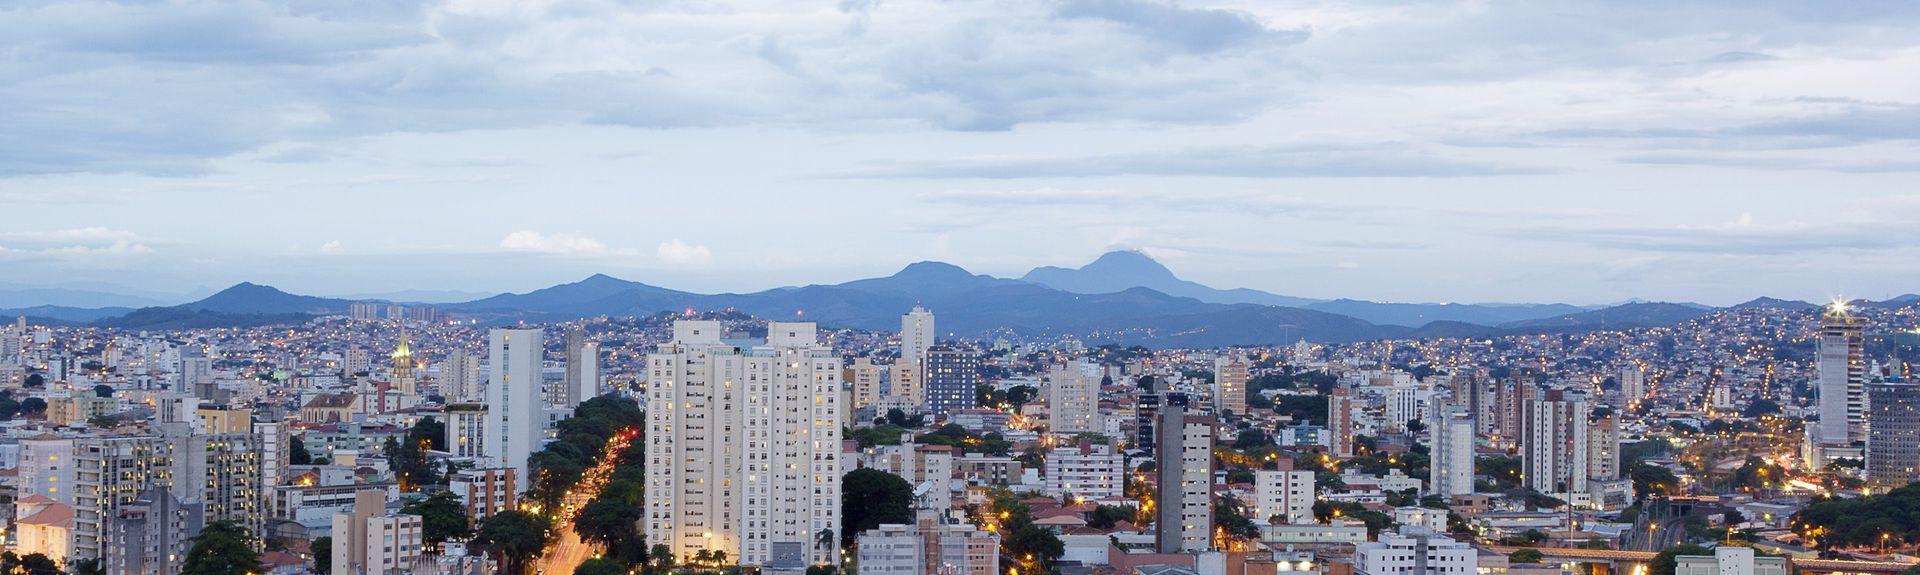 Belo Horizonte, BR Vacation Rentals: condo and apartment rentals & more |  Vrbo